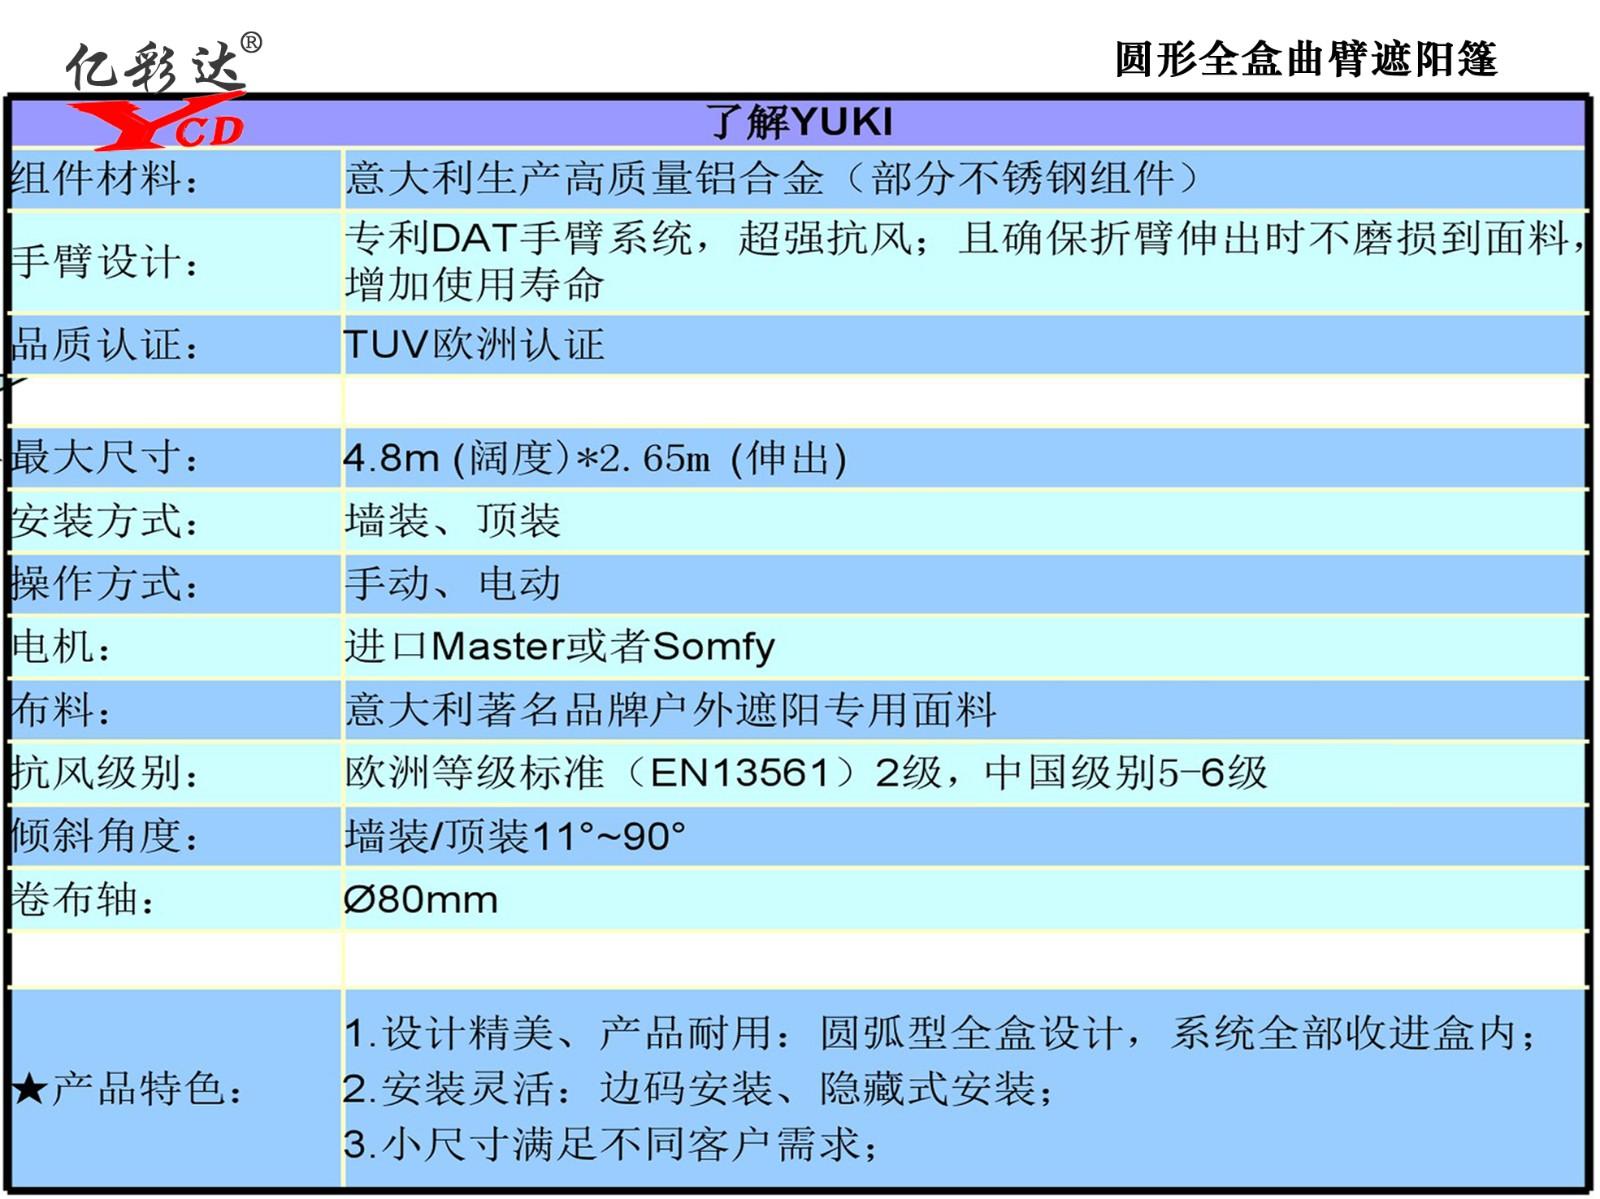 YCD-KUMO&YUKI圆形全盒曲臂篷|遮阳系列-山东亿彩达遮阳节能科技有限公司